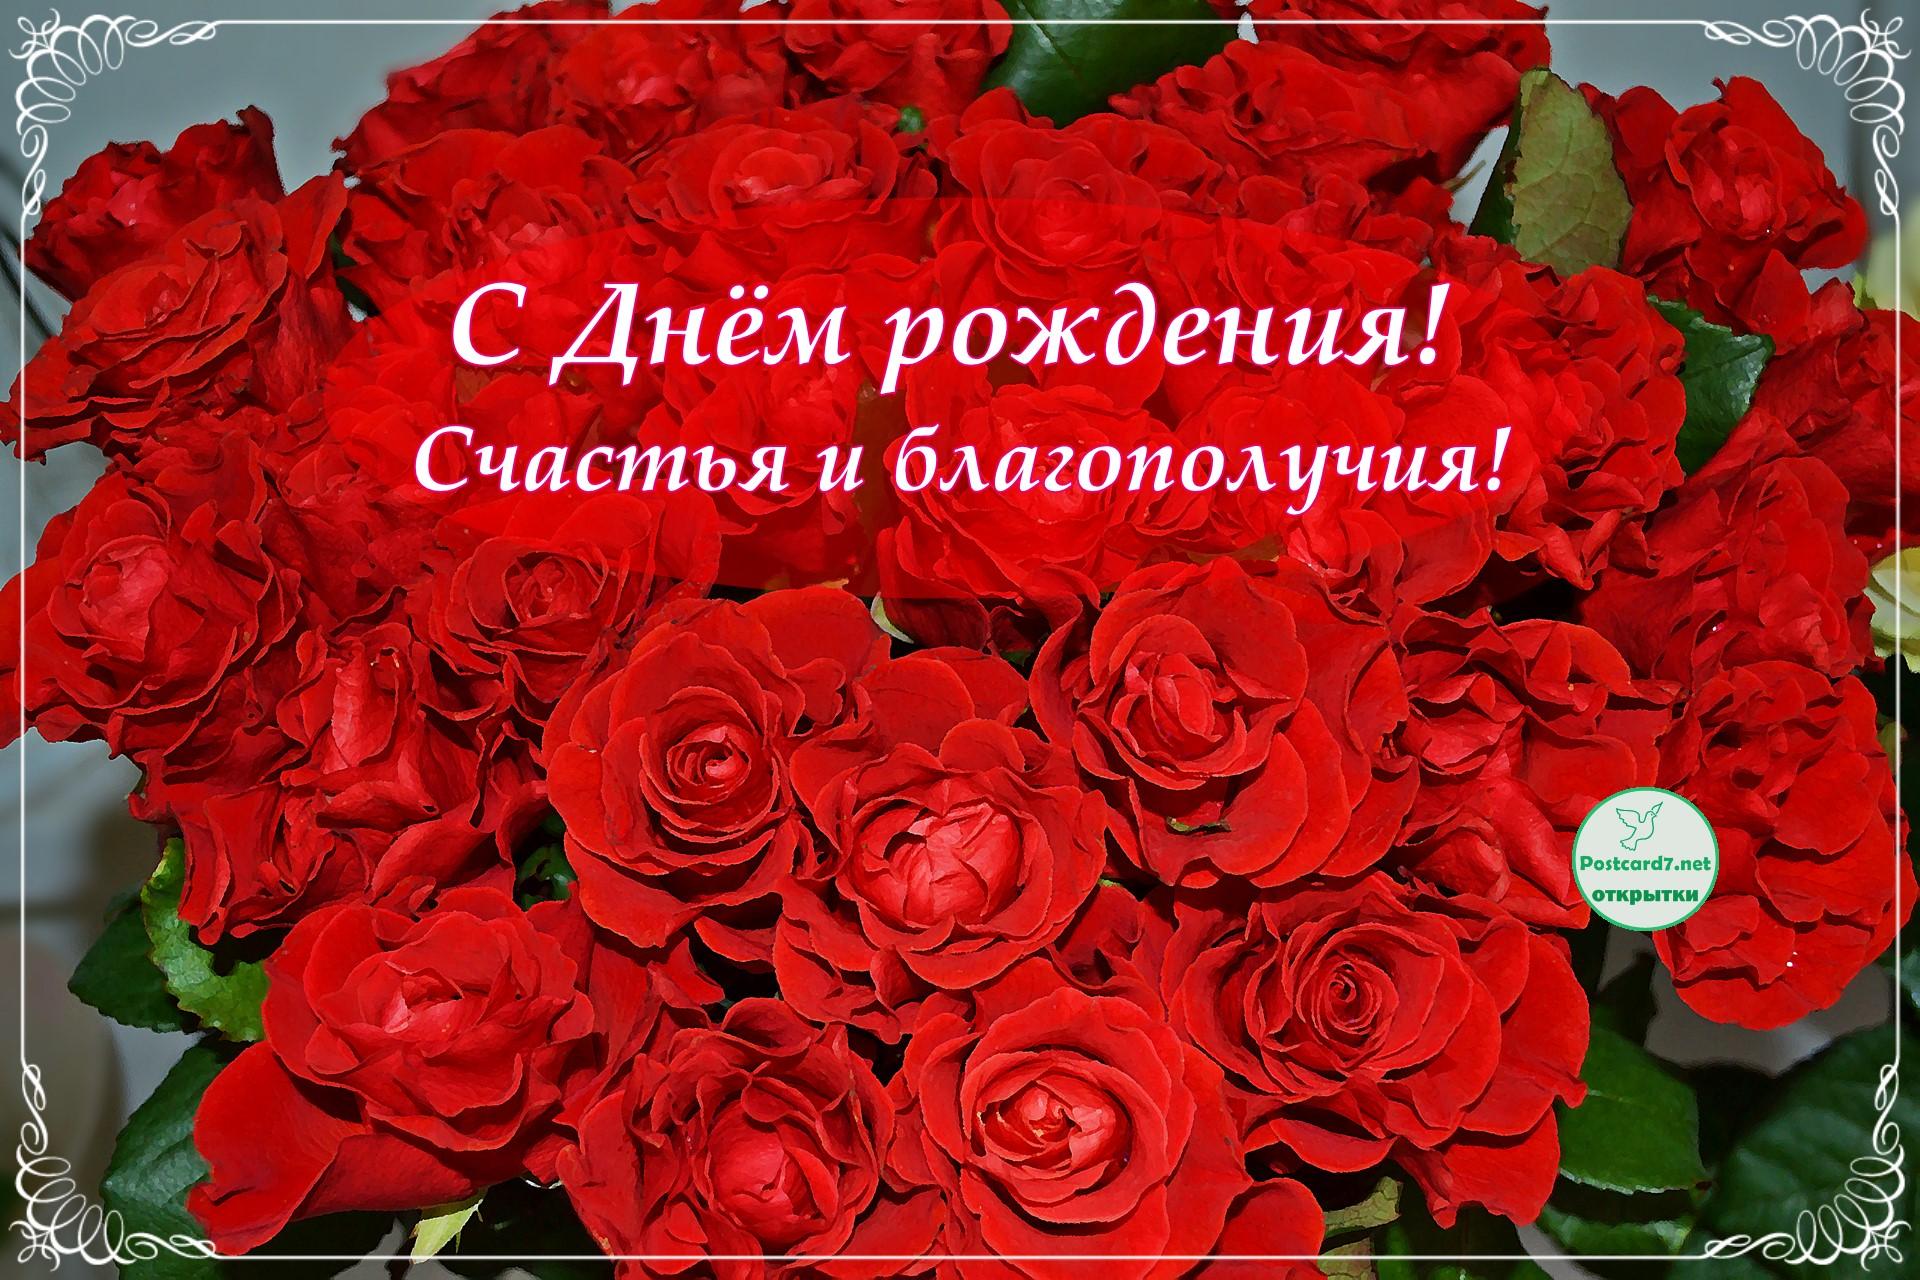 С Днём рождения! Открытка с ярко-красными розами